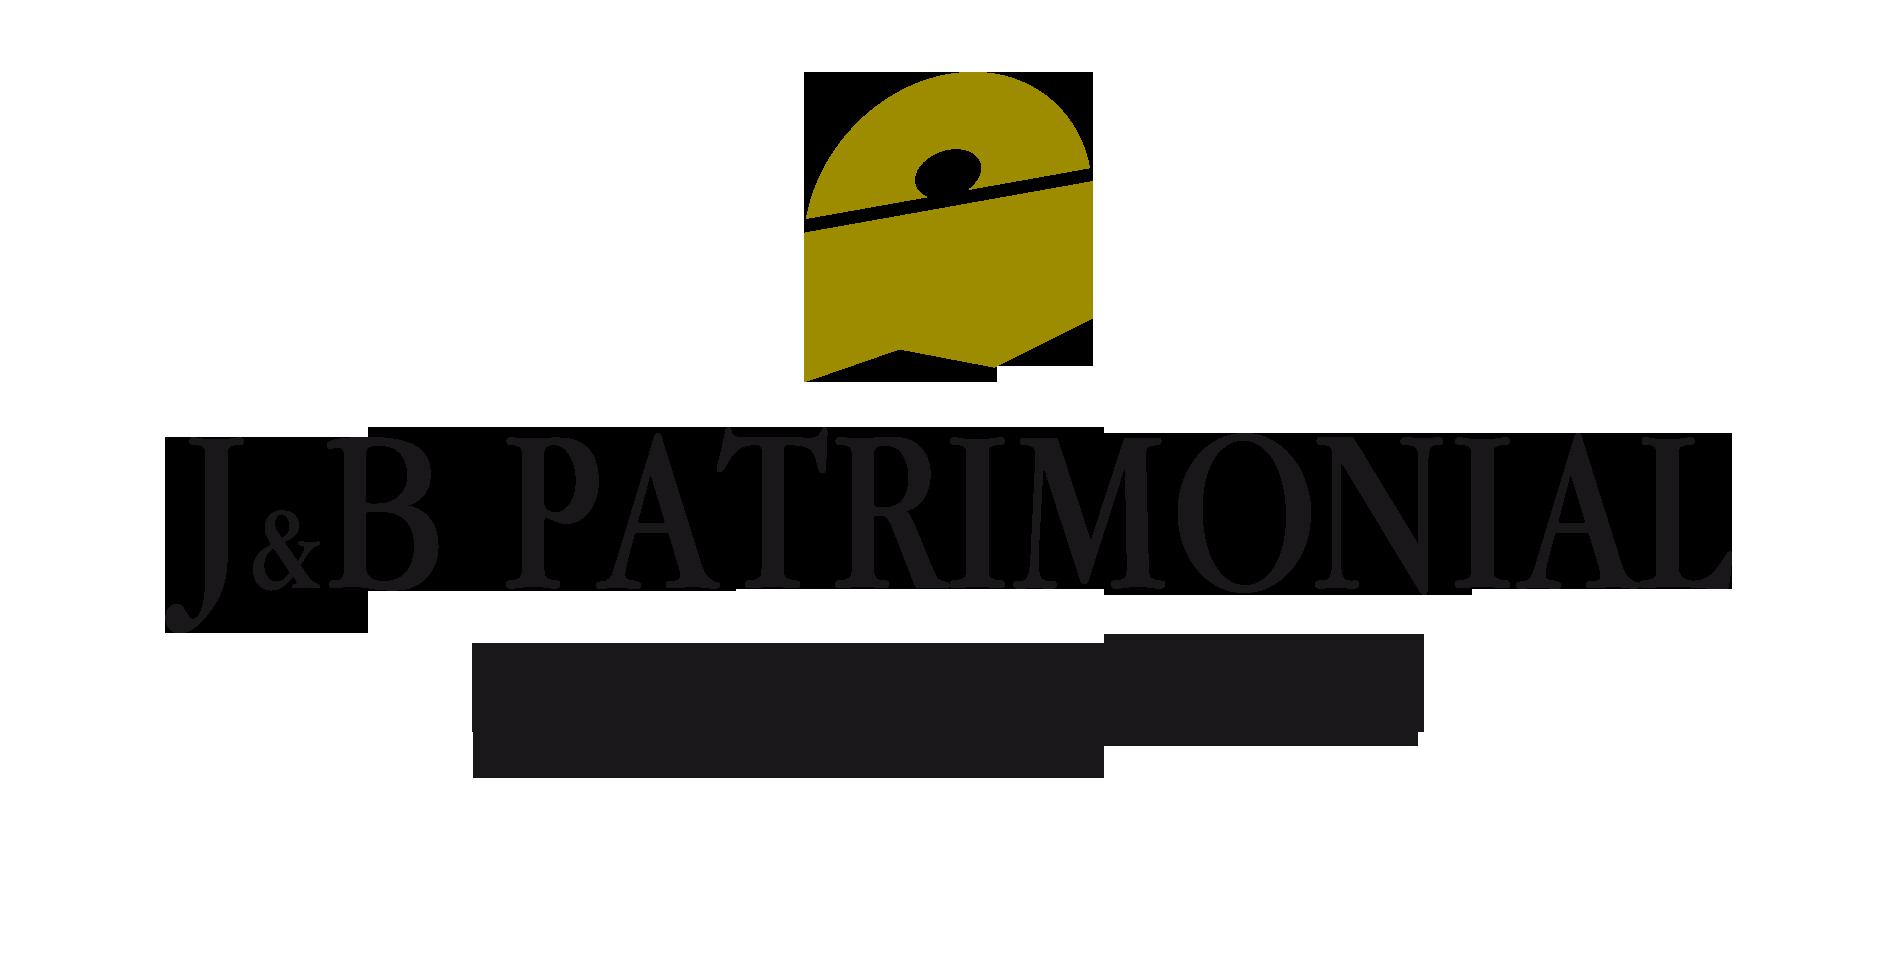 Famoso Reanudar Banquero Ilustración - Ejemplo De Colección De ...